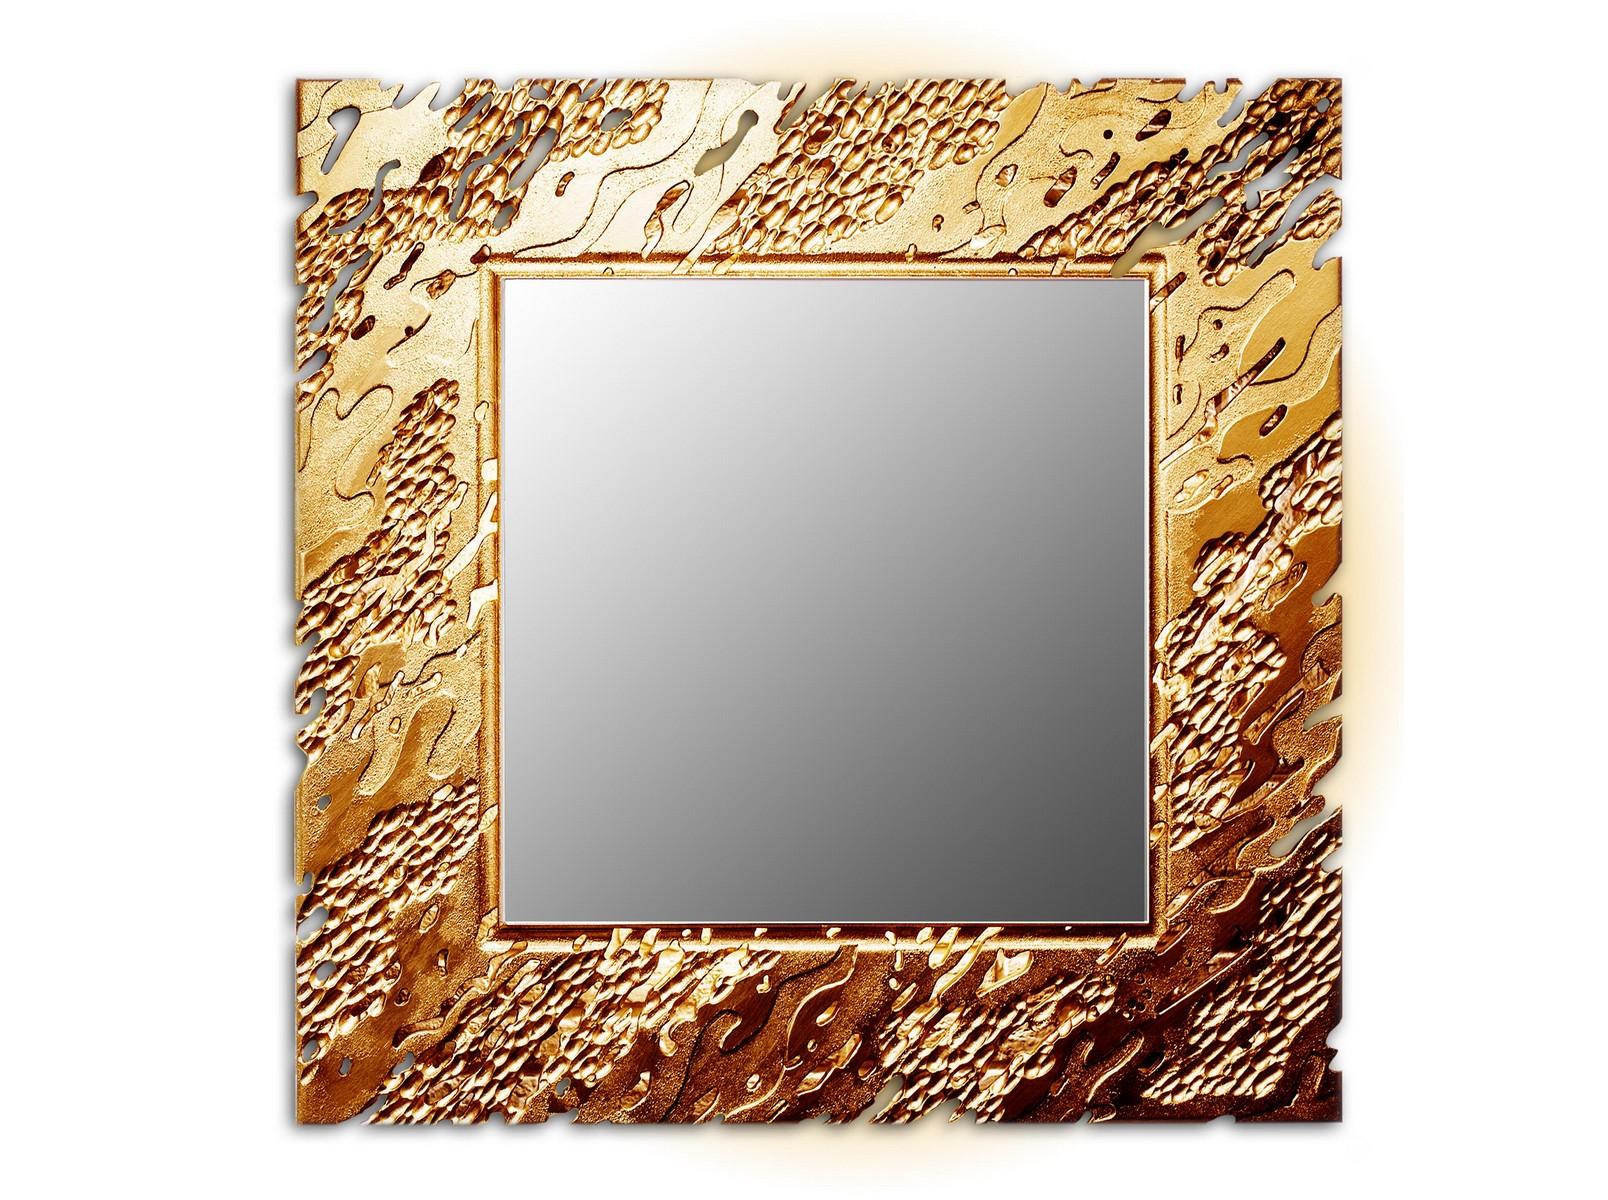 Зеркало REEFНастенные зеркала<br>Ветерок касается воды и солнечные блики играют на ее поверхности. <br>Завораживающая картина, дарящая отдых душе. На нее можно смотреть бесконечно. <br>Резной рисунок на раме зеркал коллекции Reef имитирует рябь на водной глади. <br>Данный вариант представлен в квадратной форме и бронзовом цвете.&amp;lt;div&amp;gt;&amp;lt;br&amp;gt;&amp;lt;/div&amp;gt;&amp;lt;div&amp;gt;&amp;lt;p class=&amp;quot;MsoNormal&amp;quot;&amp;gt;Товарное предложение оснащено светодиодной подсветкой.&amp;lt;o:p&amp;gt;&amp;lt;/o:p&amp;gt;&amp;lt;/p&amp;gt;&amp;lt;/div&amp;gt;<br><br>Material: Дерево<br>Ширина см: 90<br>Высота см: 90